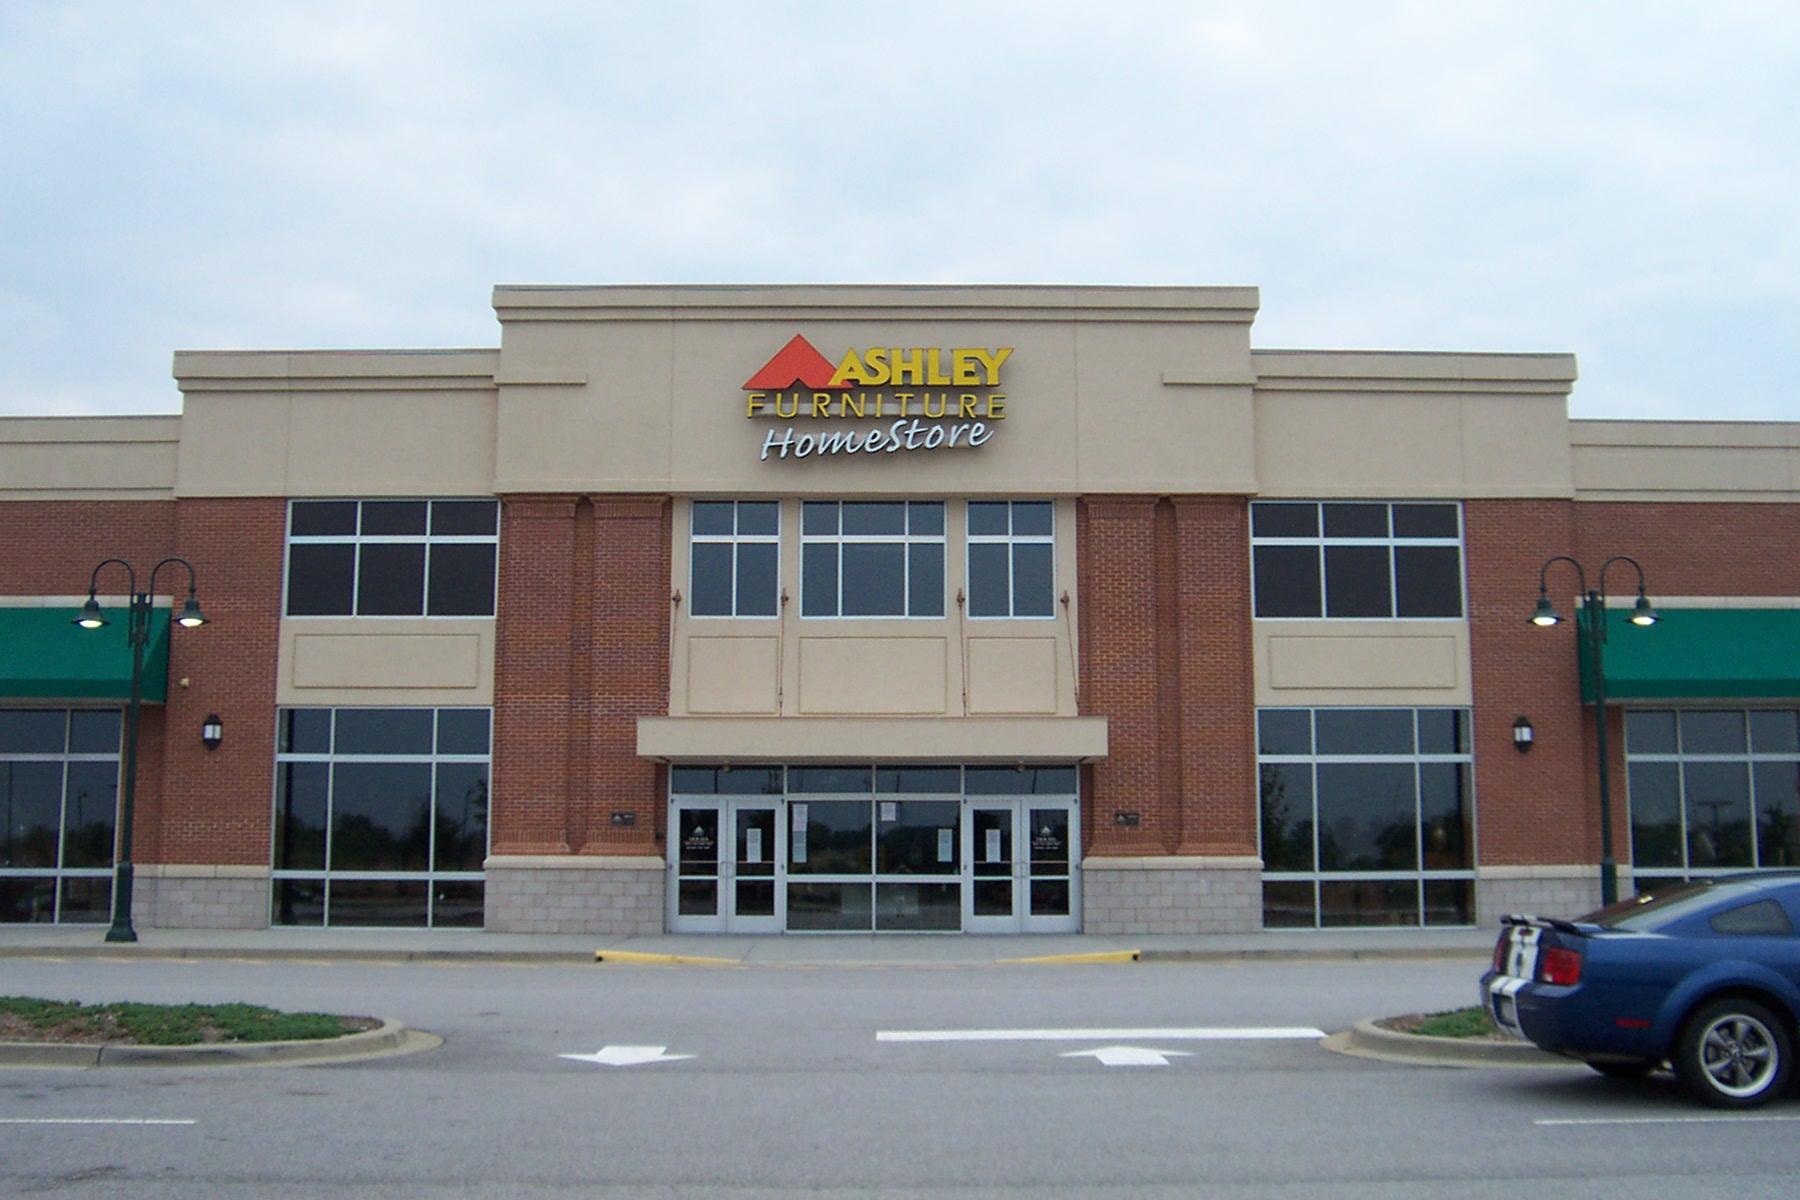 Furniture Outlet Myrtle Sc Furniture Store Myrtle Sc Furniture Mattresses Shop Furniture